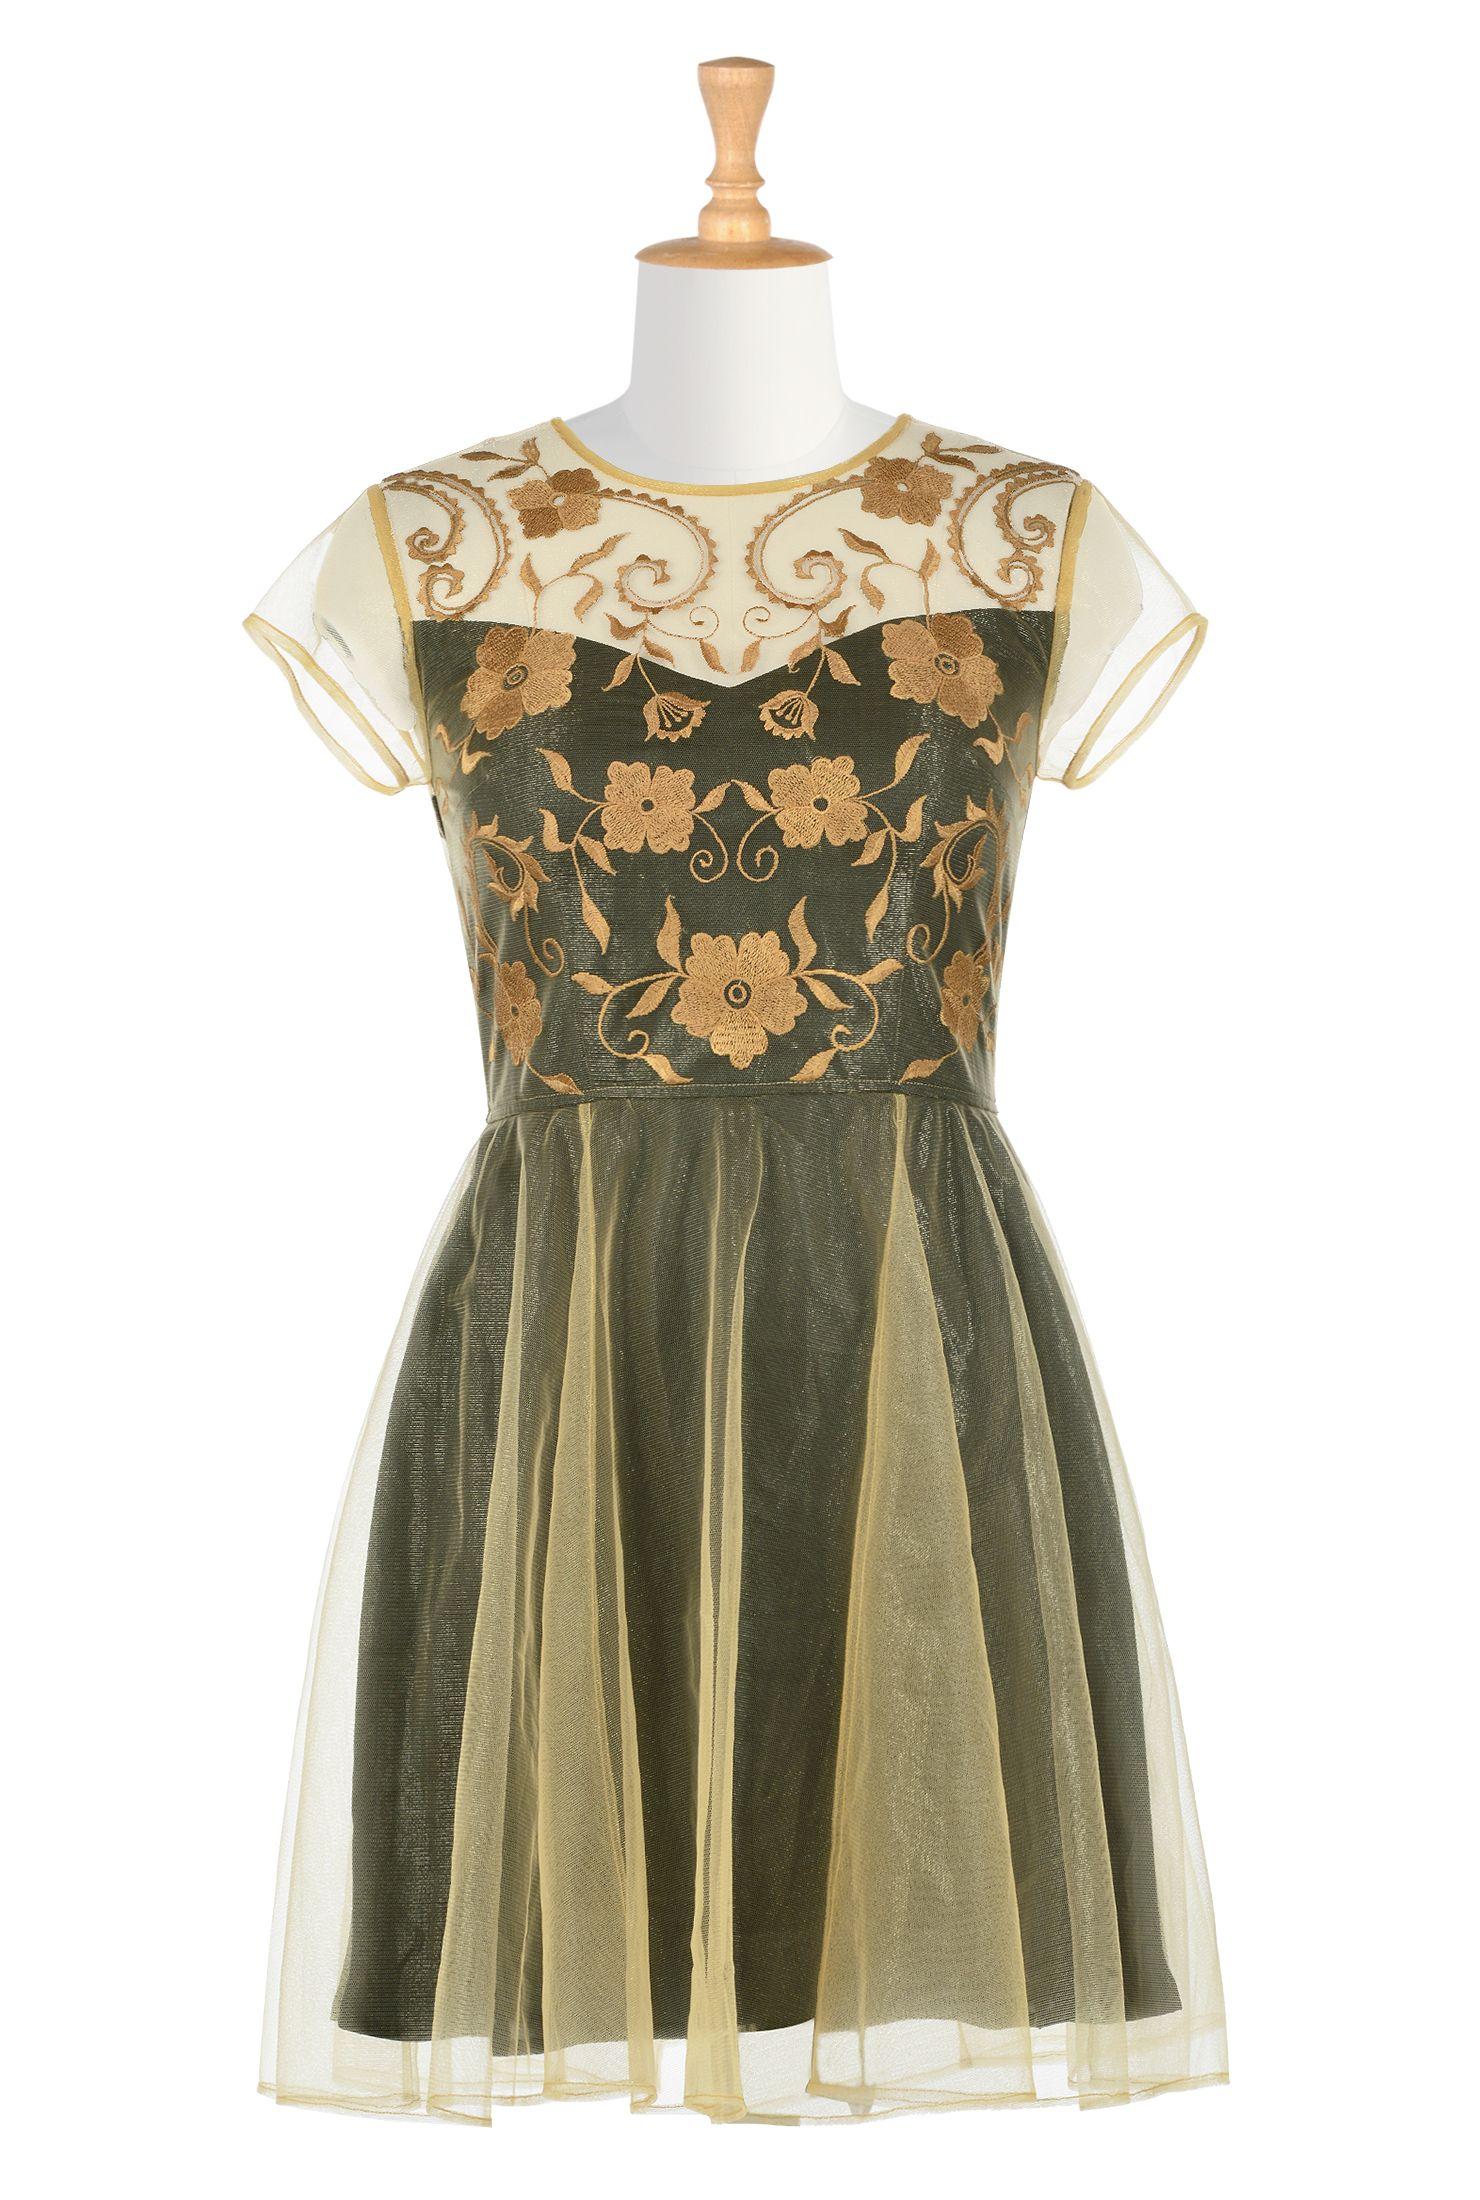 70c39d964cf Floral Embellished Tulle Layer Dresses